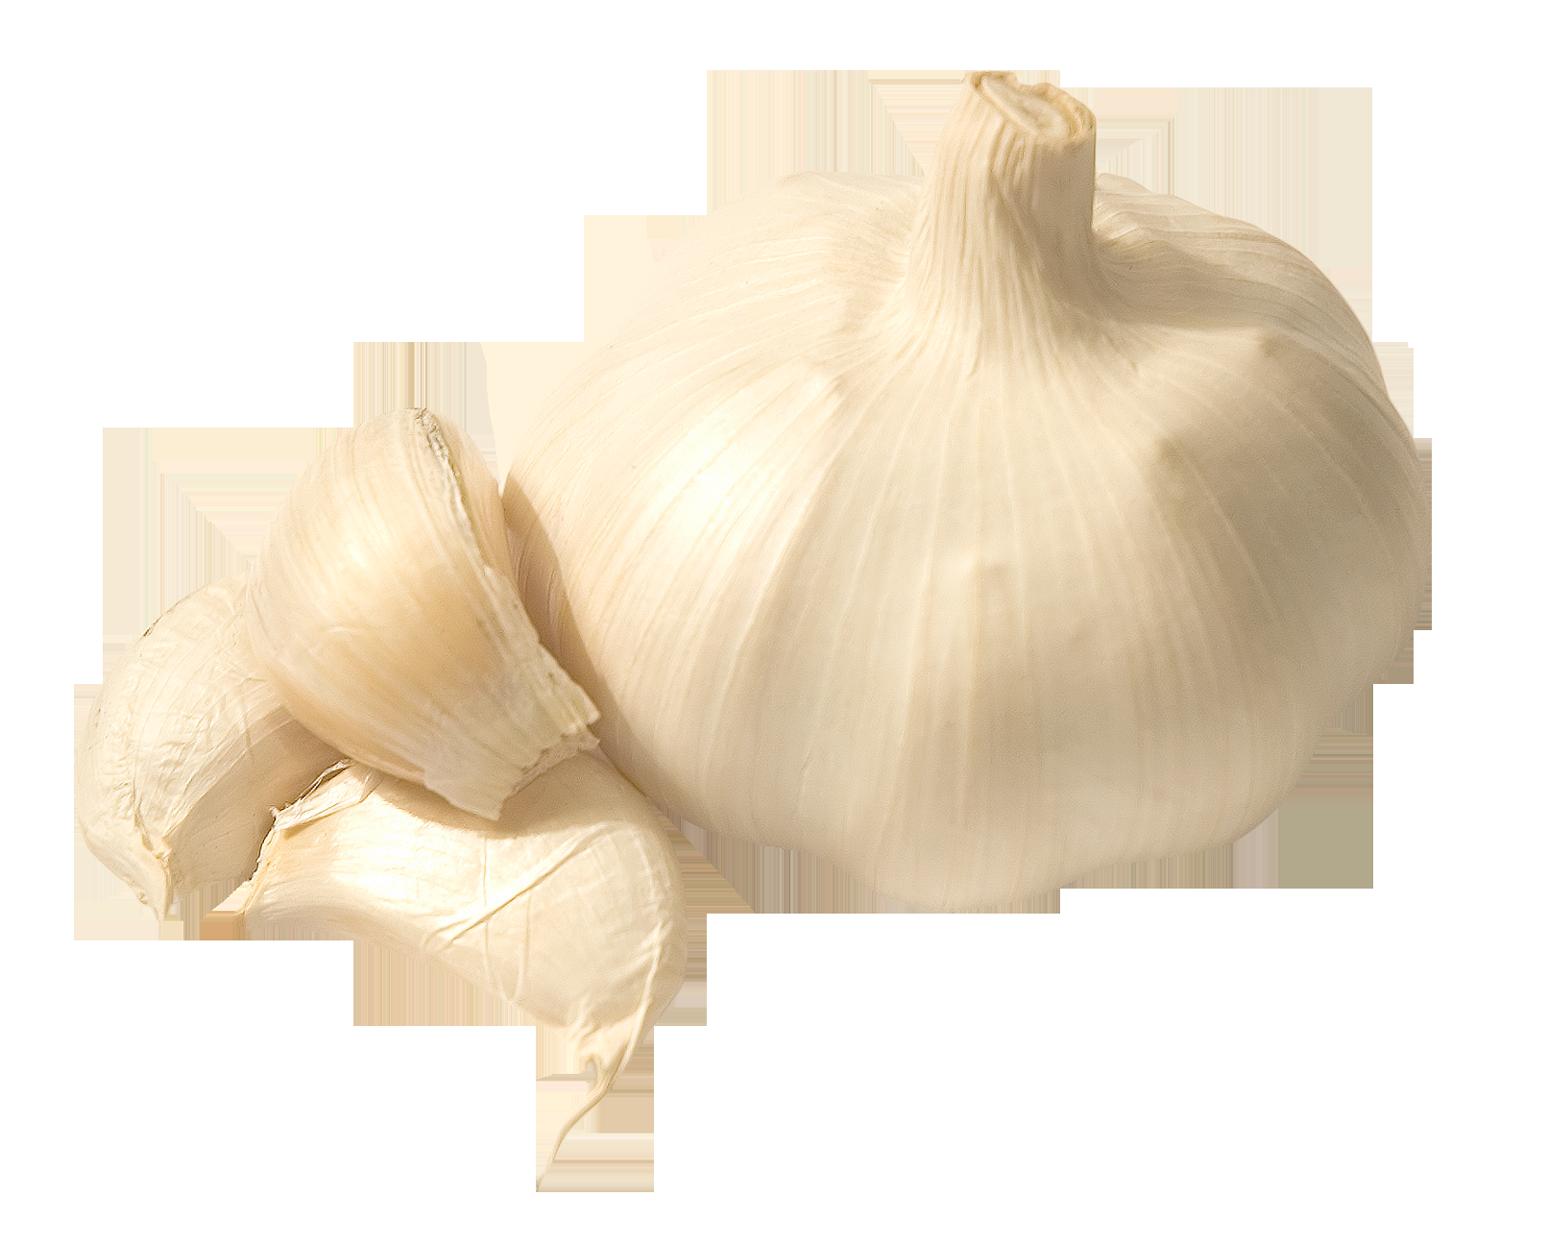 Garlic PNG Image